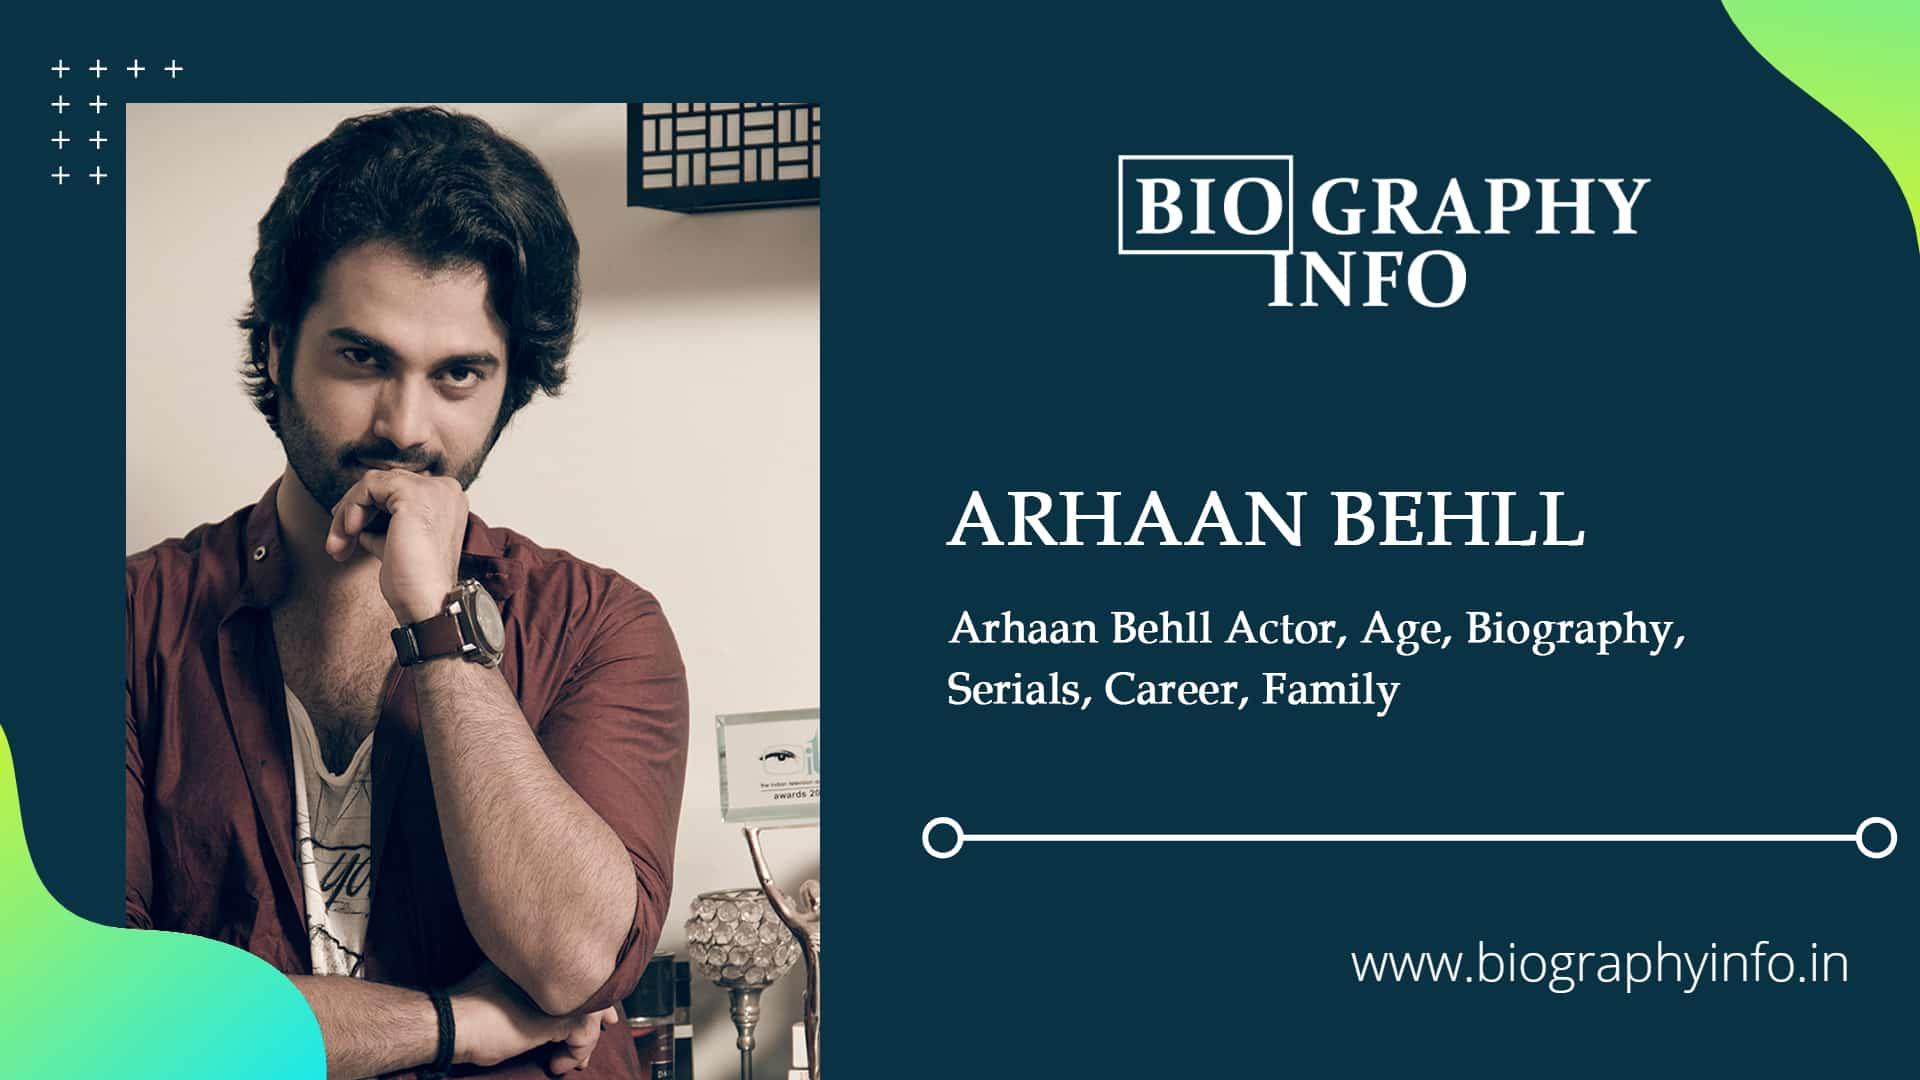 Arhaan Behll